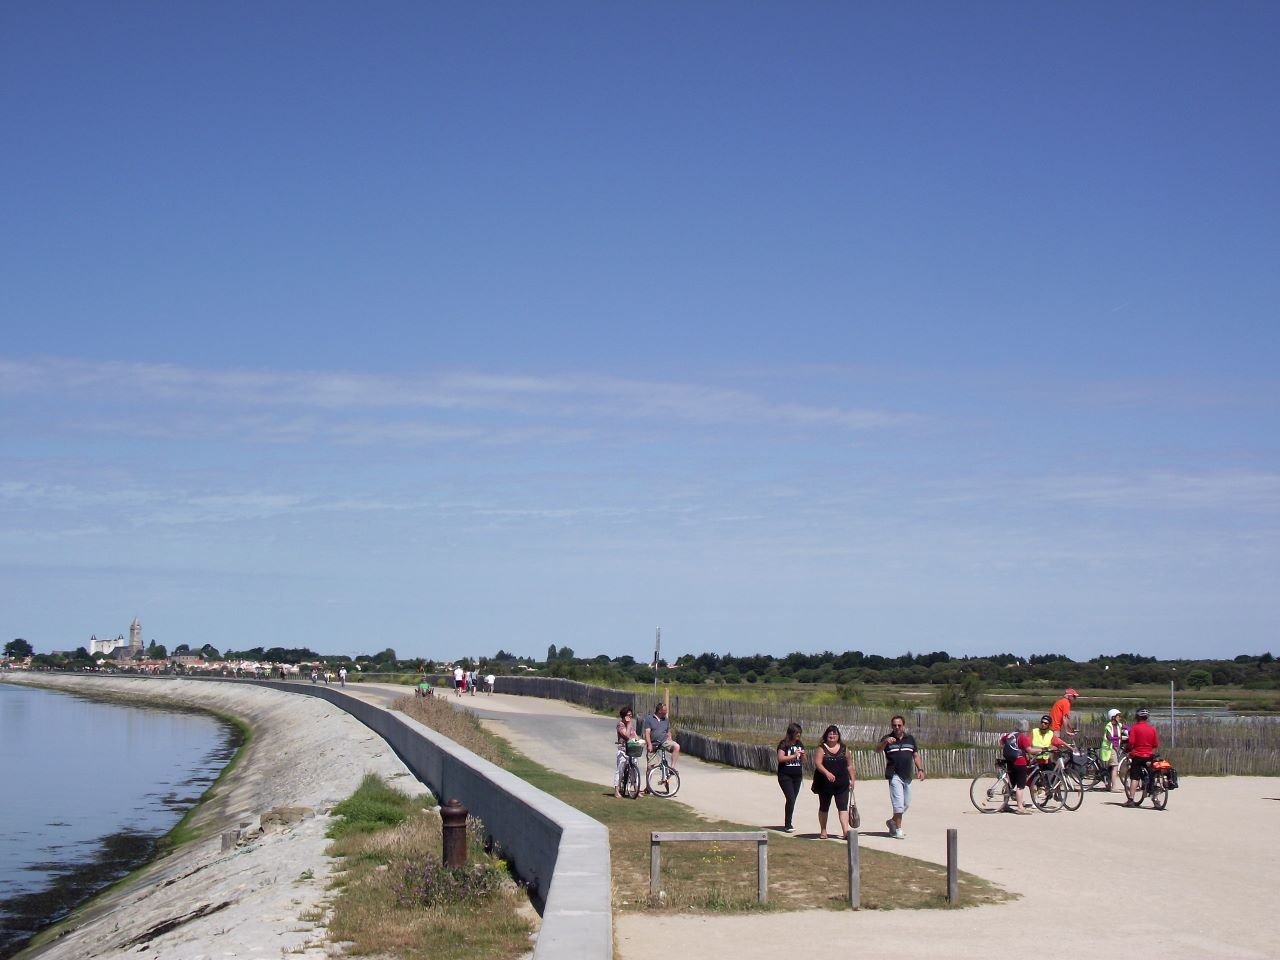 la jetée de Noirmoutier-en-l'Île